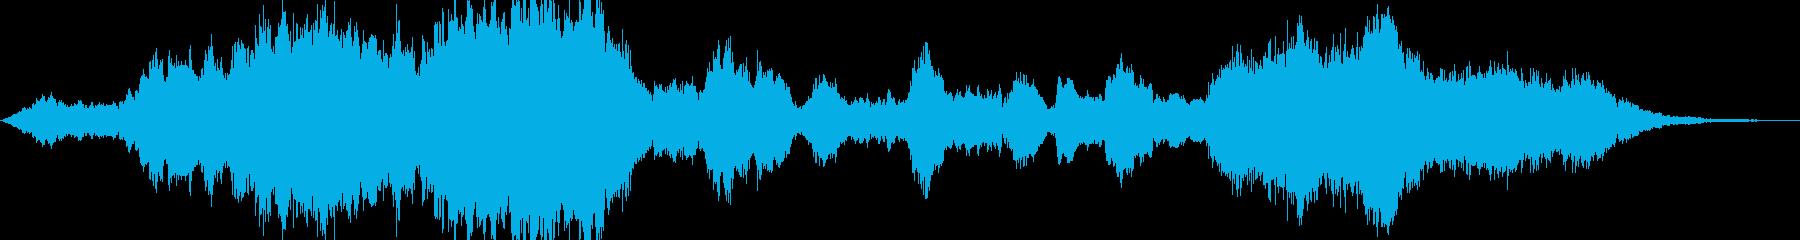 壮大でファンタジーな雰囲気のクラシックの再生済みの波形